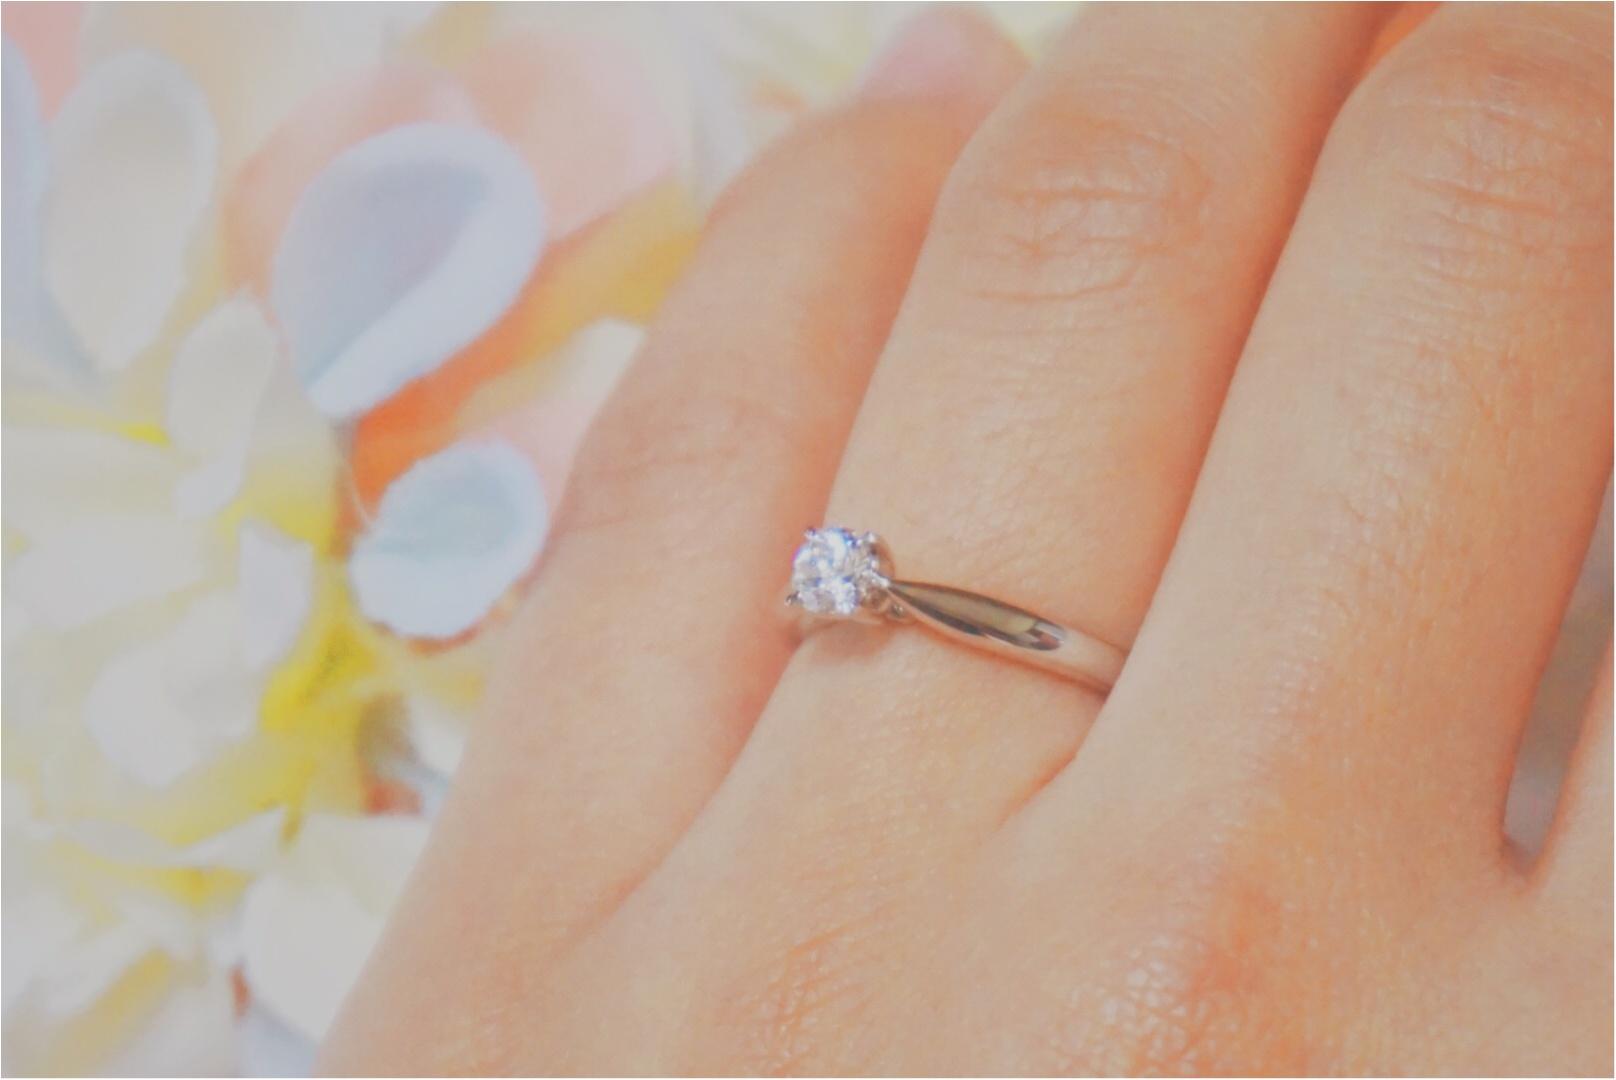 婚約指輪のおすすめブランド特集 - ティファニー、カルティエ、ディオールなどエンゲージリングまとめ_72